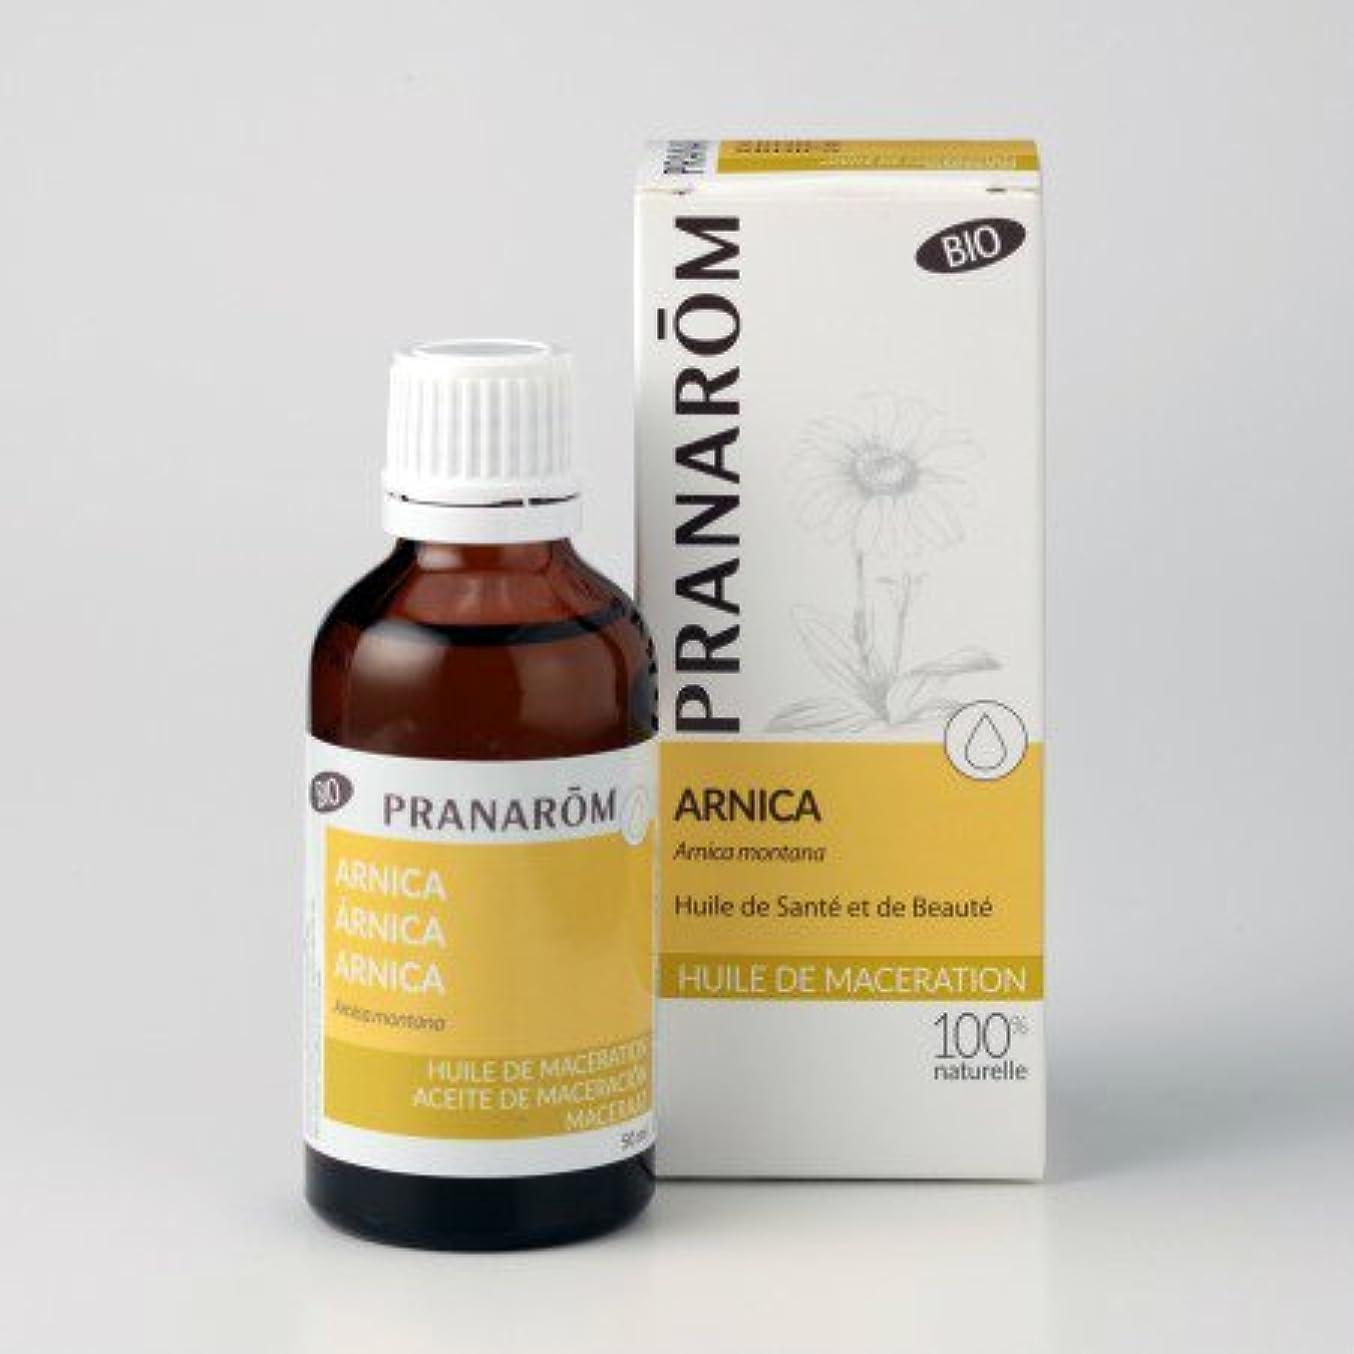 プレビューウサギインポートプラナロム アルニカオイル 50ml (PRANAROM 植物油)